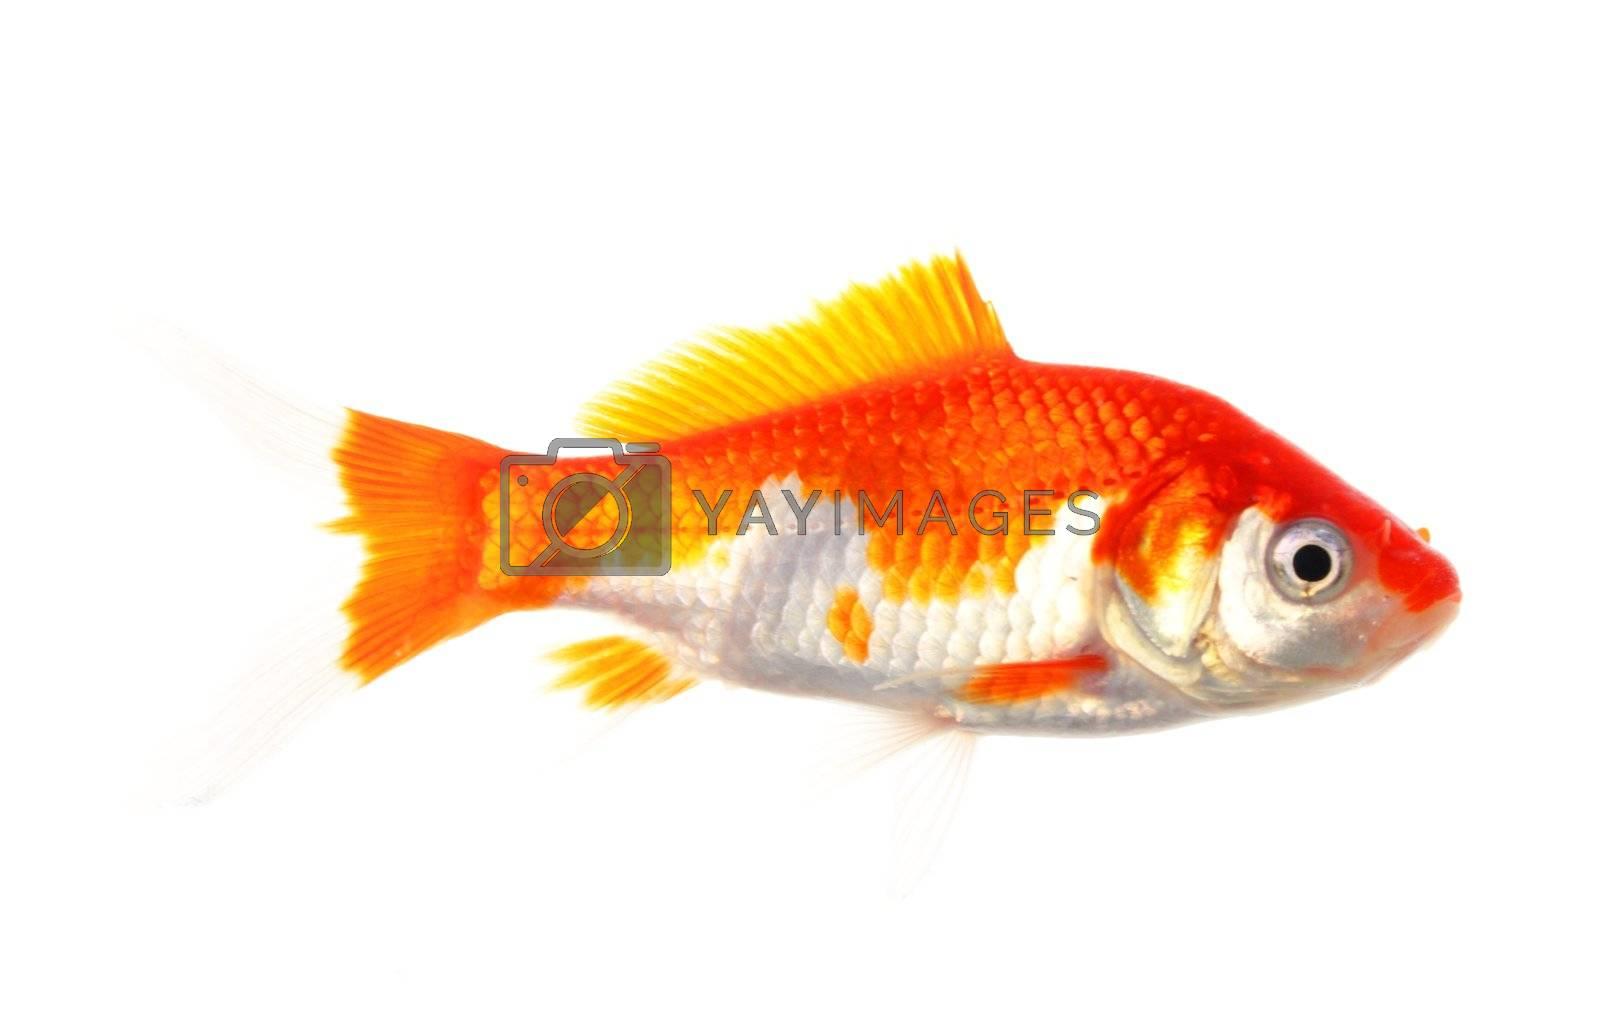 single goldfish animal isolated on white background